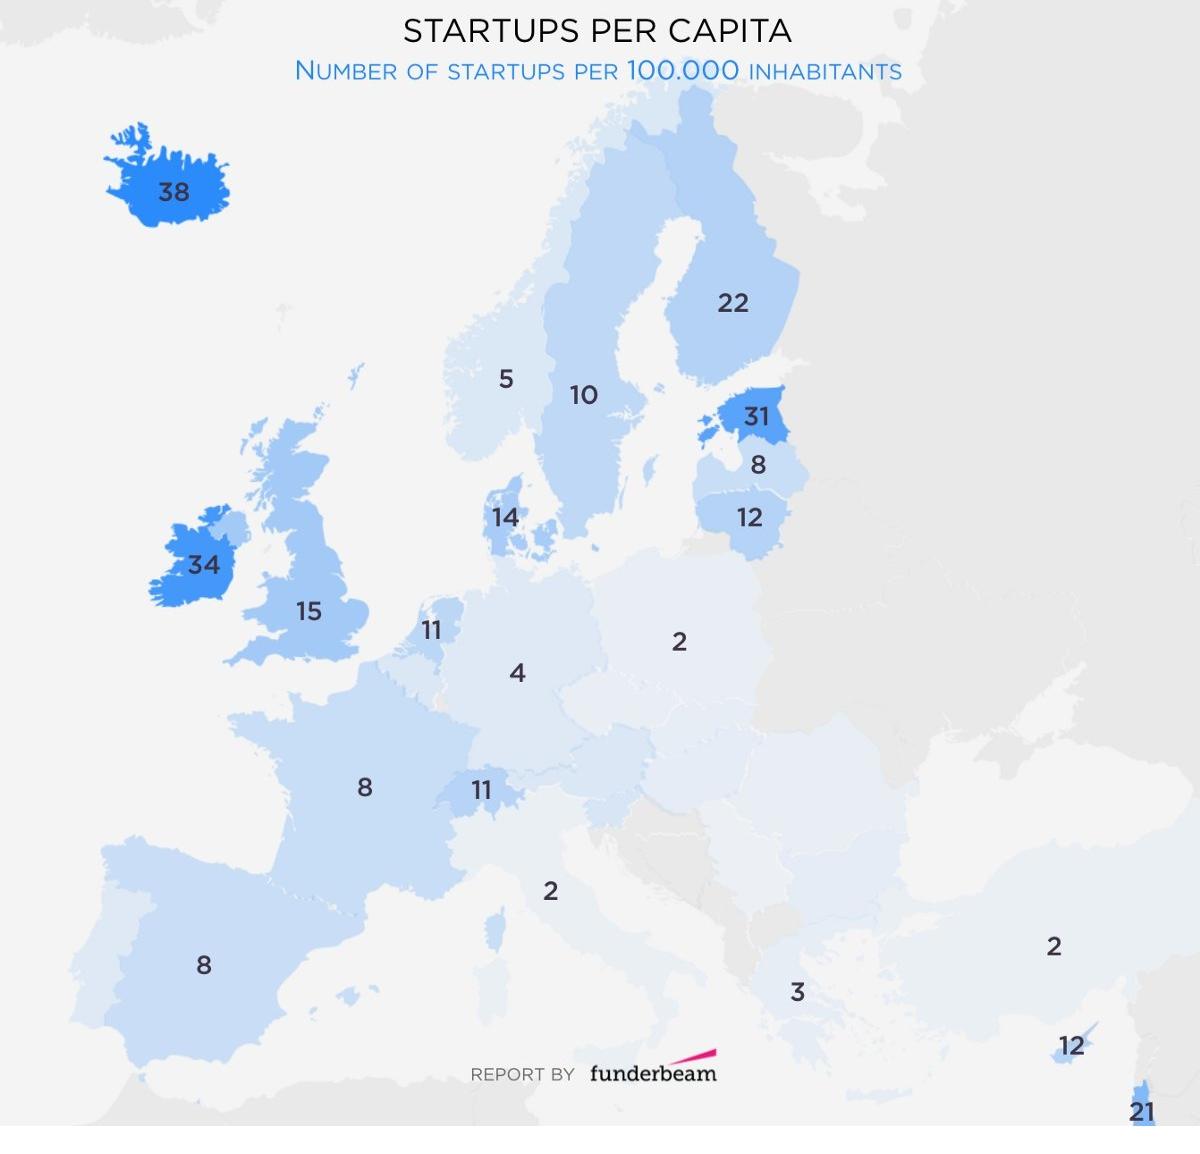 startups-per-capita